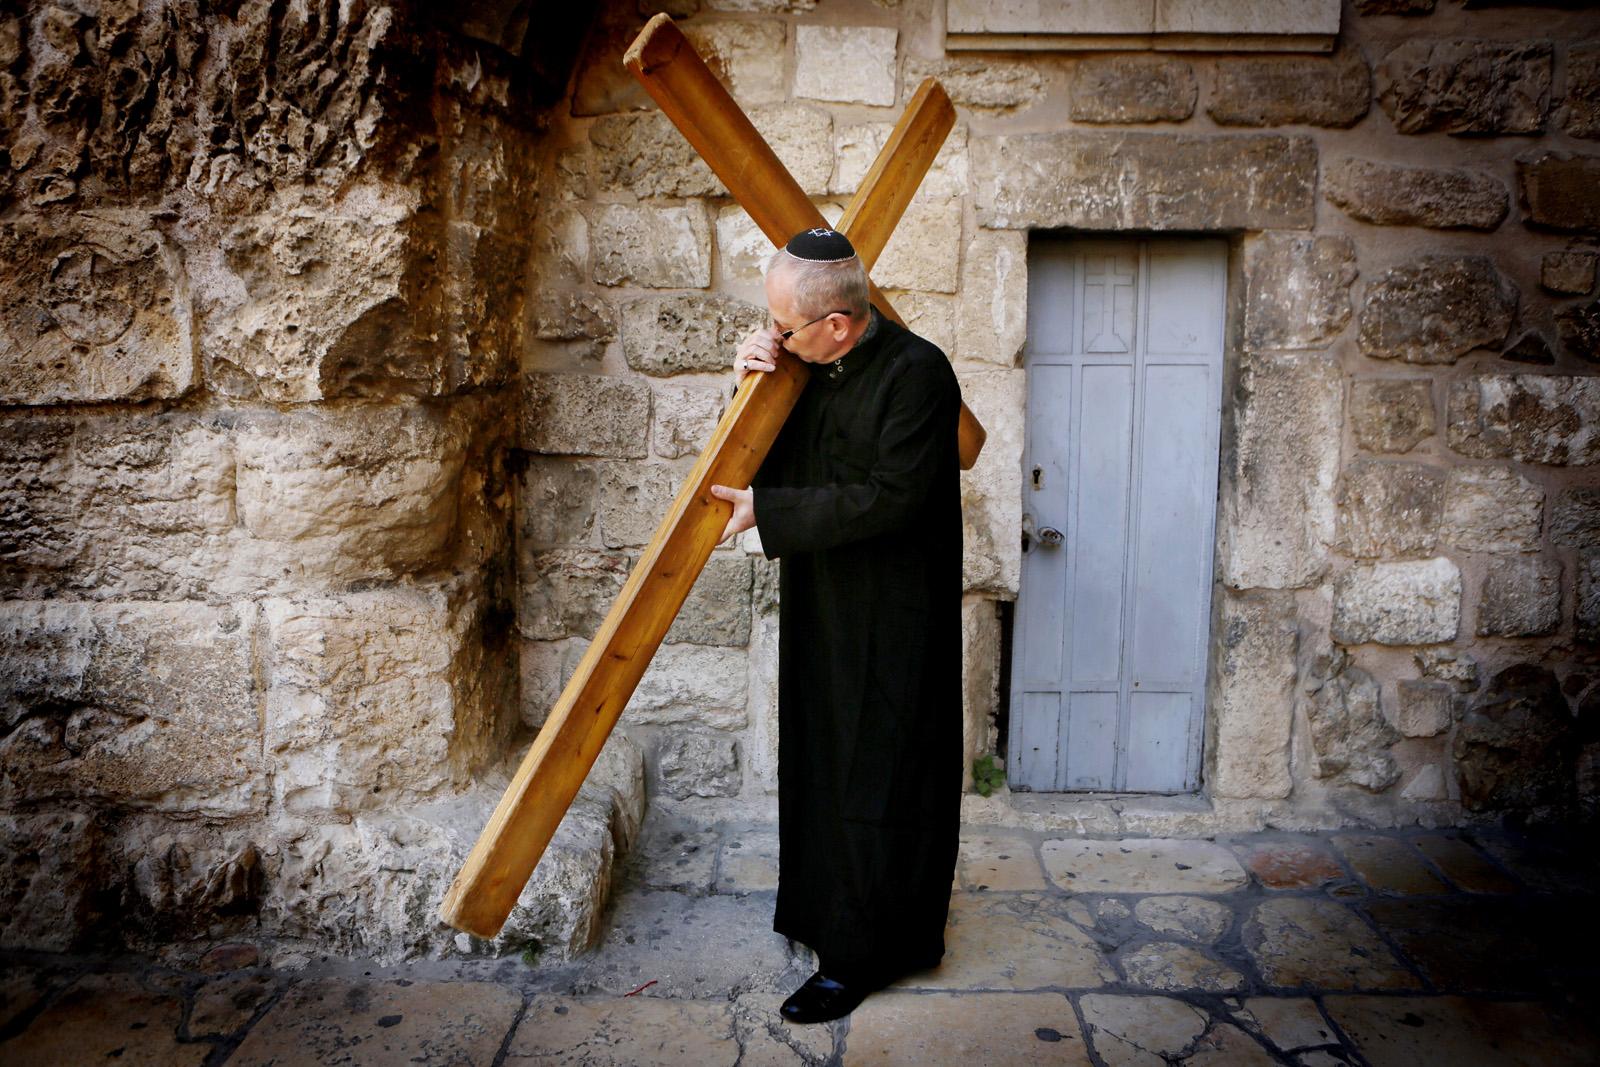 מאמין נוצרי נושא צלב עץ בירושלים, 28.3.13 (צילום: מרים אלסטר)